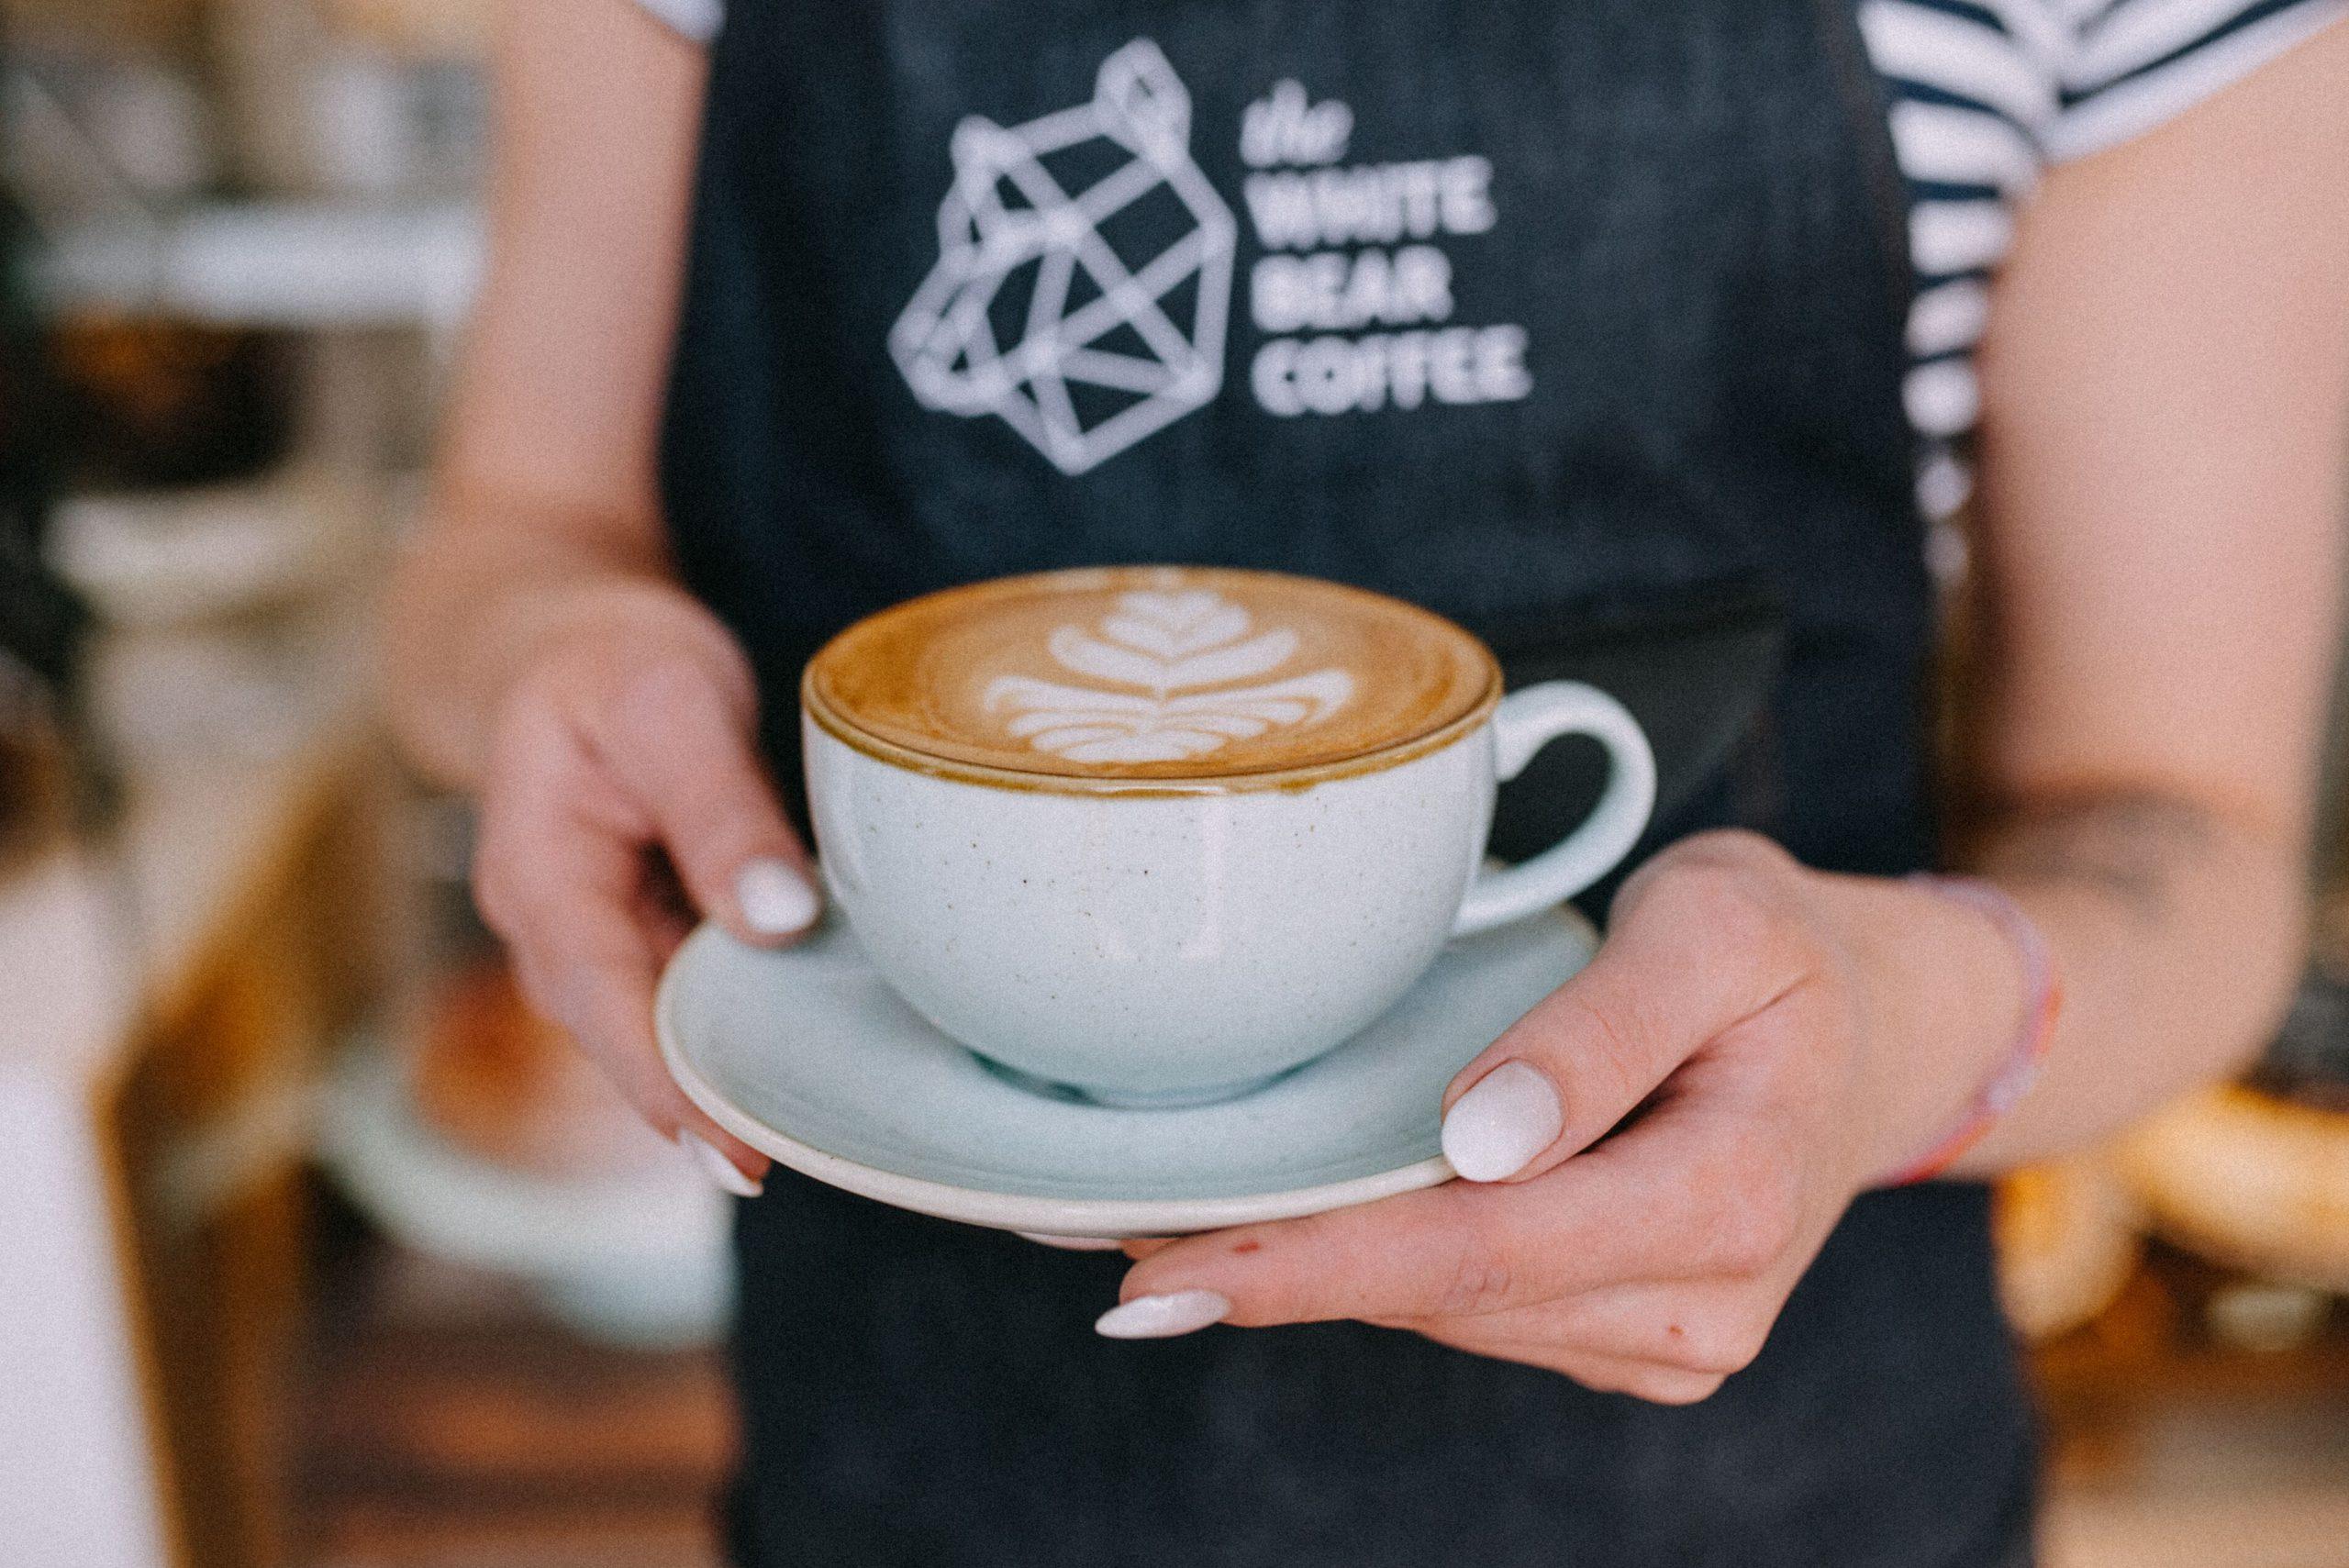 zawod baristy czyli jak wyrazic milosc do kawy